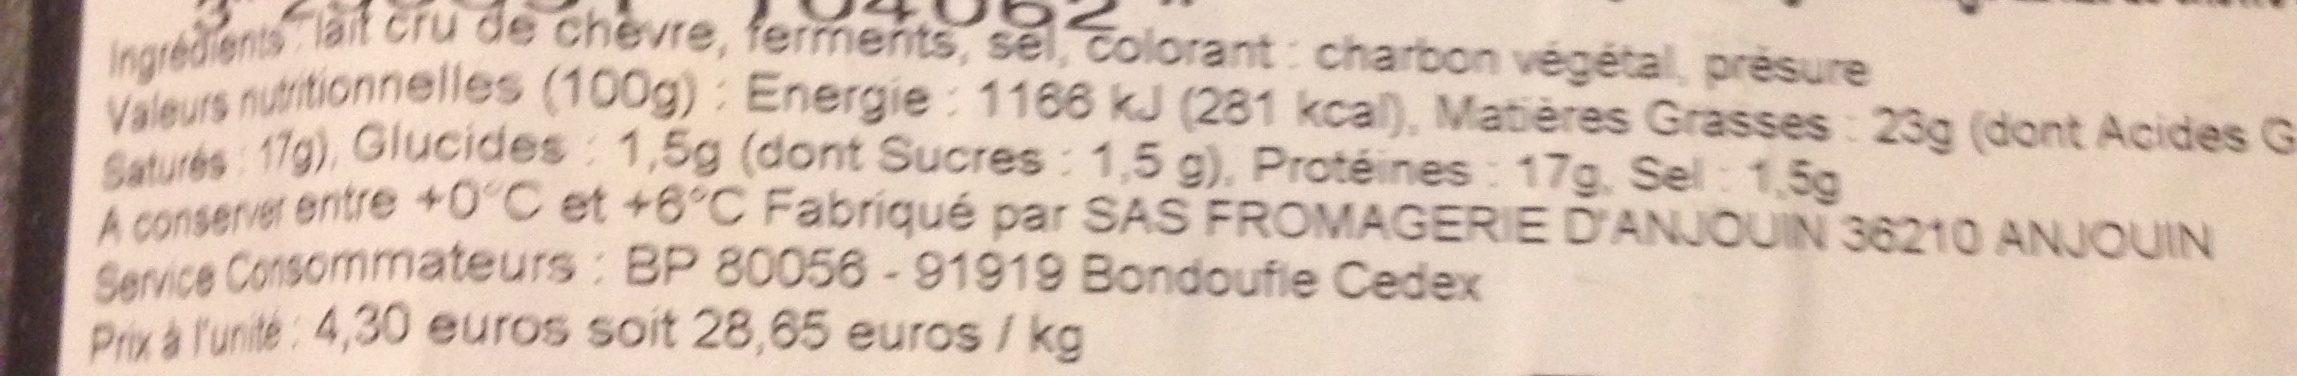 Selles sur Cher AOP, le fromage de - Ingredients